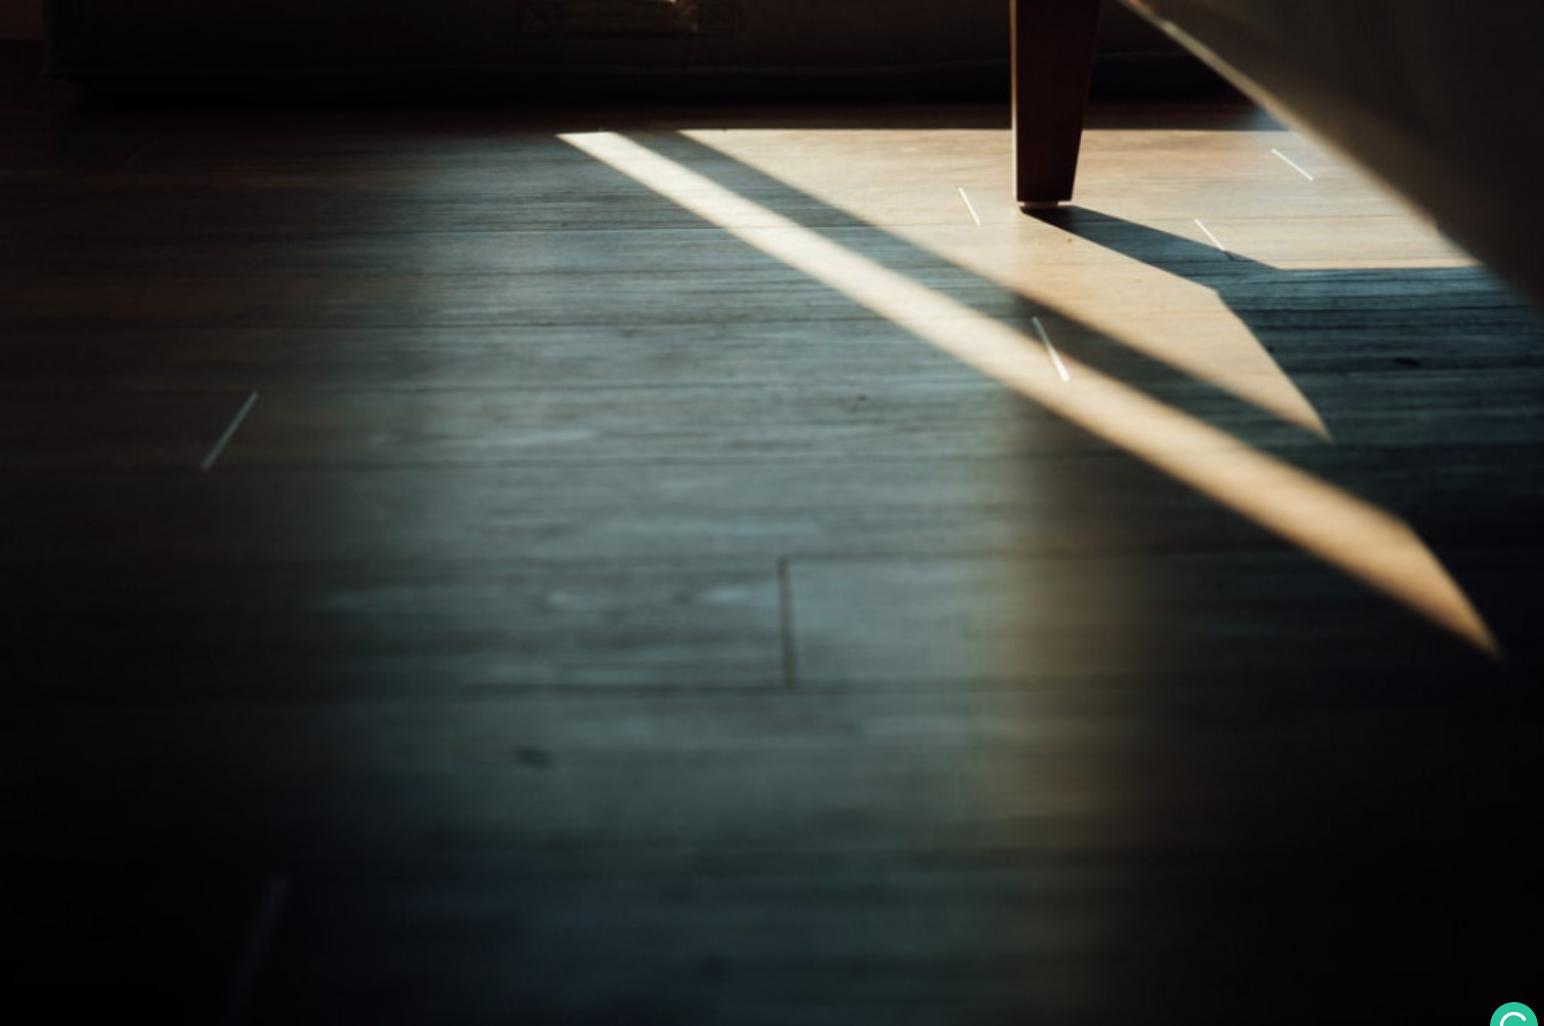 How to Install Vinyl Plank Flooring as a Beginner- Vinyl Plank